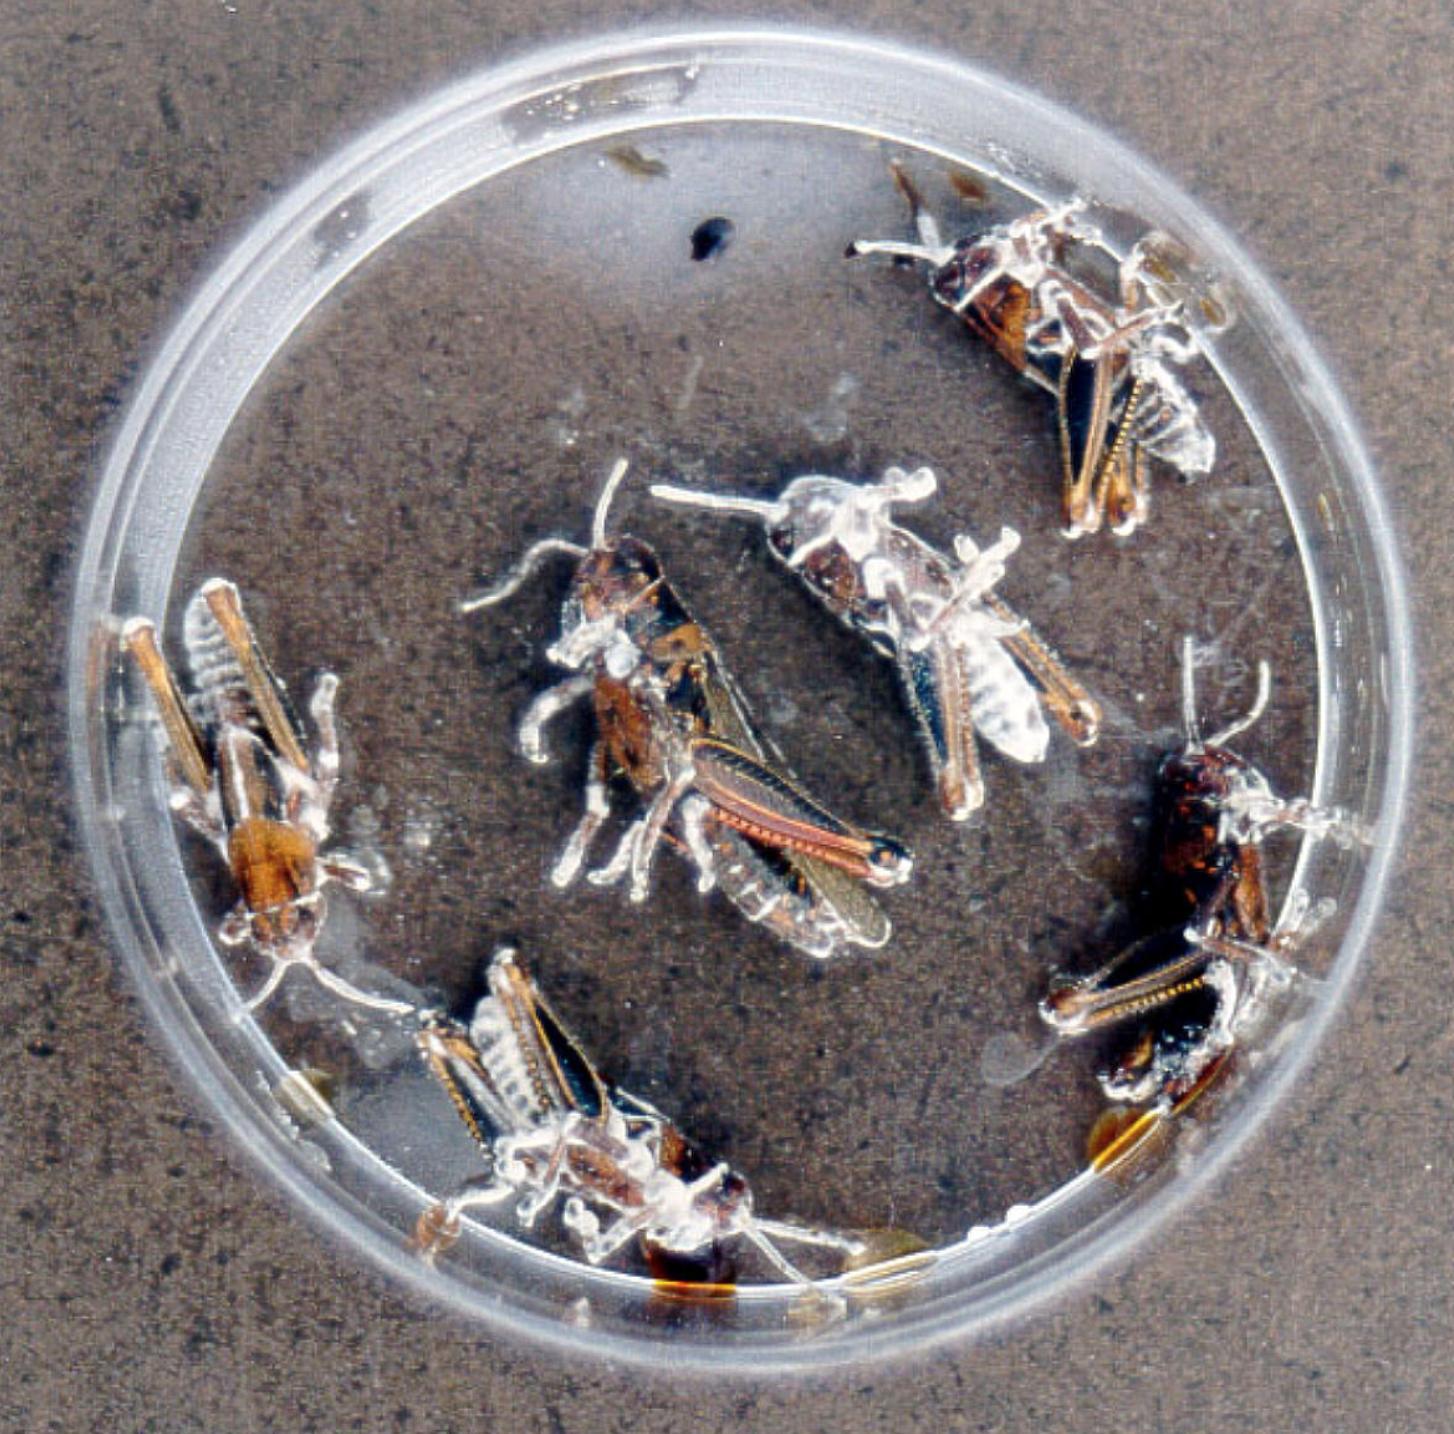 Beauveria bassiana  infected crickets.